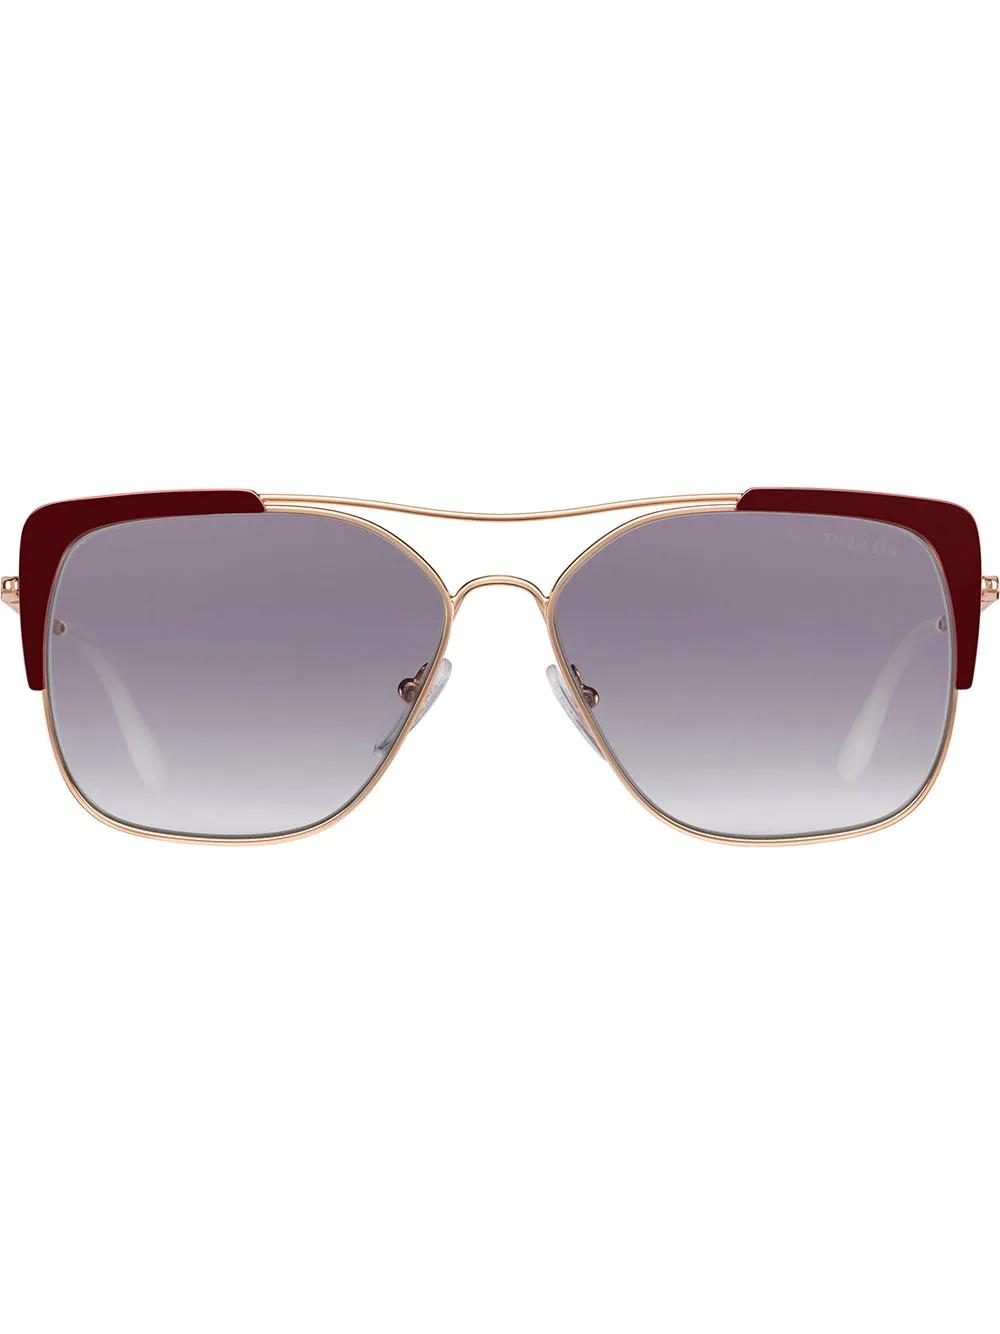 PRADA | солнцезащитные очки Eyewear Collection в квадратной оправе | Clouty